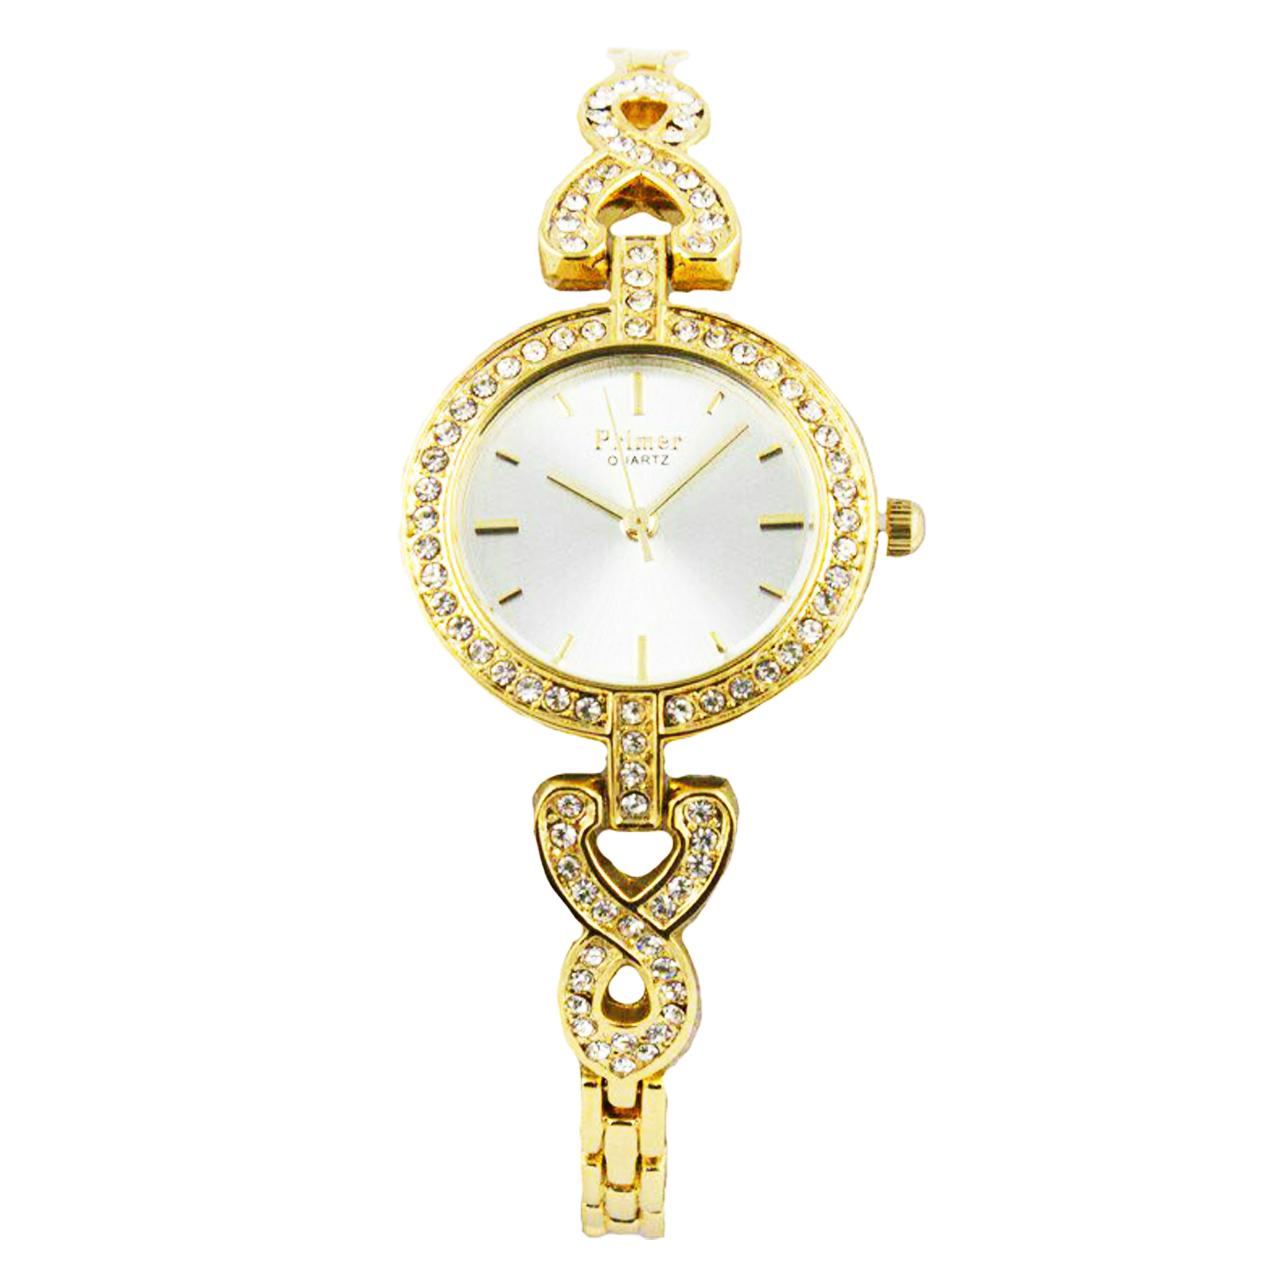 ساعت مچی عقربه ای زنانه پرایمر مدل PW-5049-g-white              خرید (⭐️⭐️⭐️)